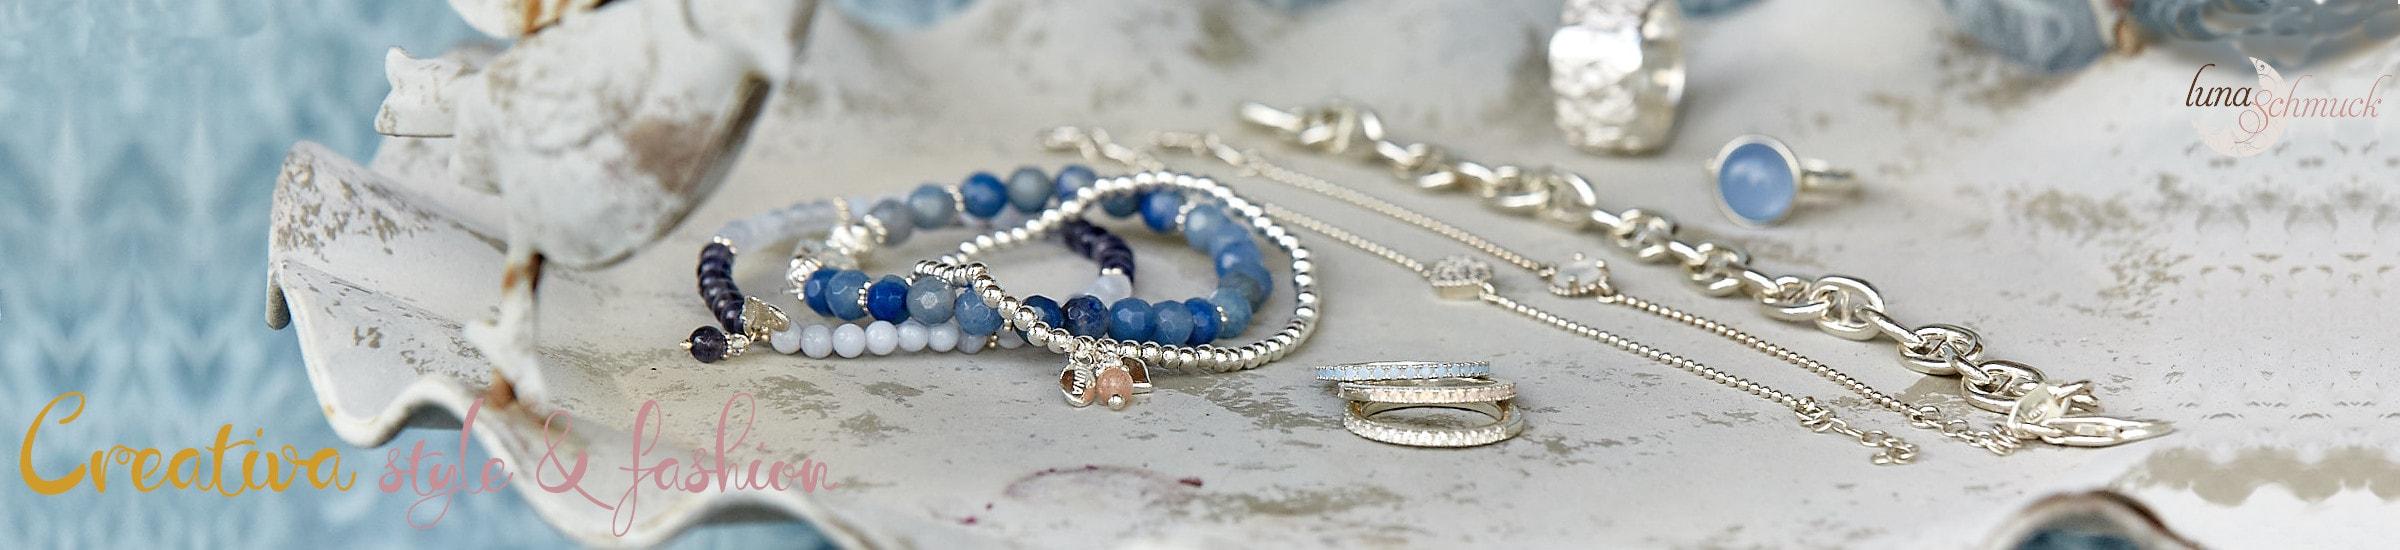 Creativa style & fashion präsentiert die neuen Kollektionen von Silberschmuck